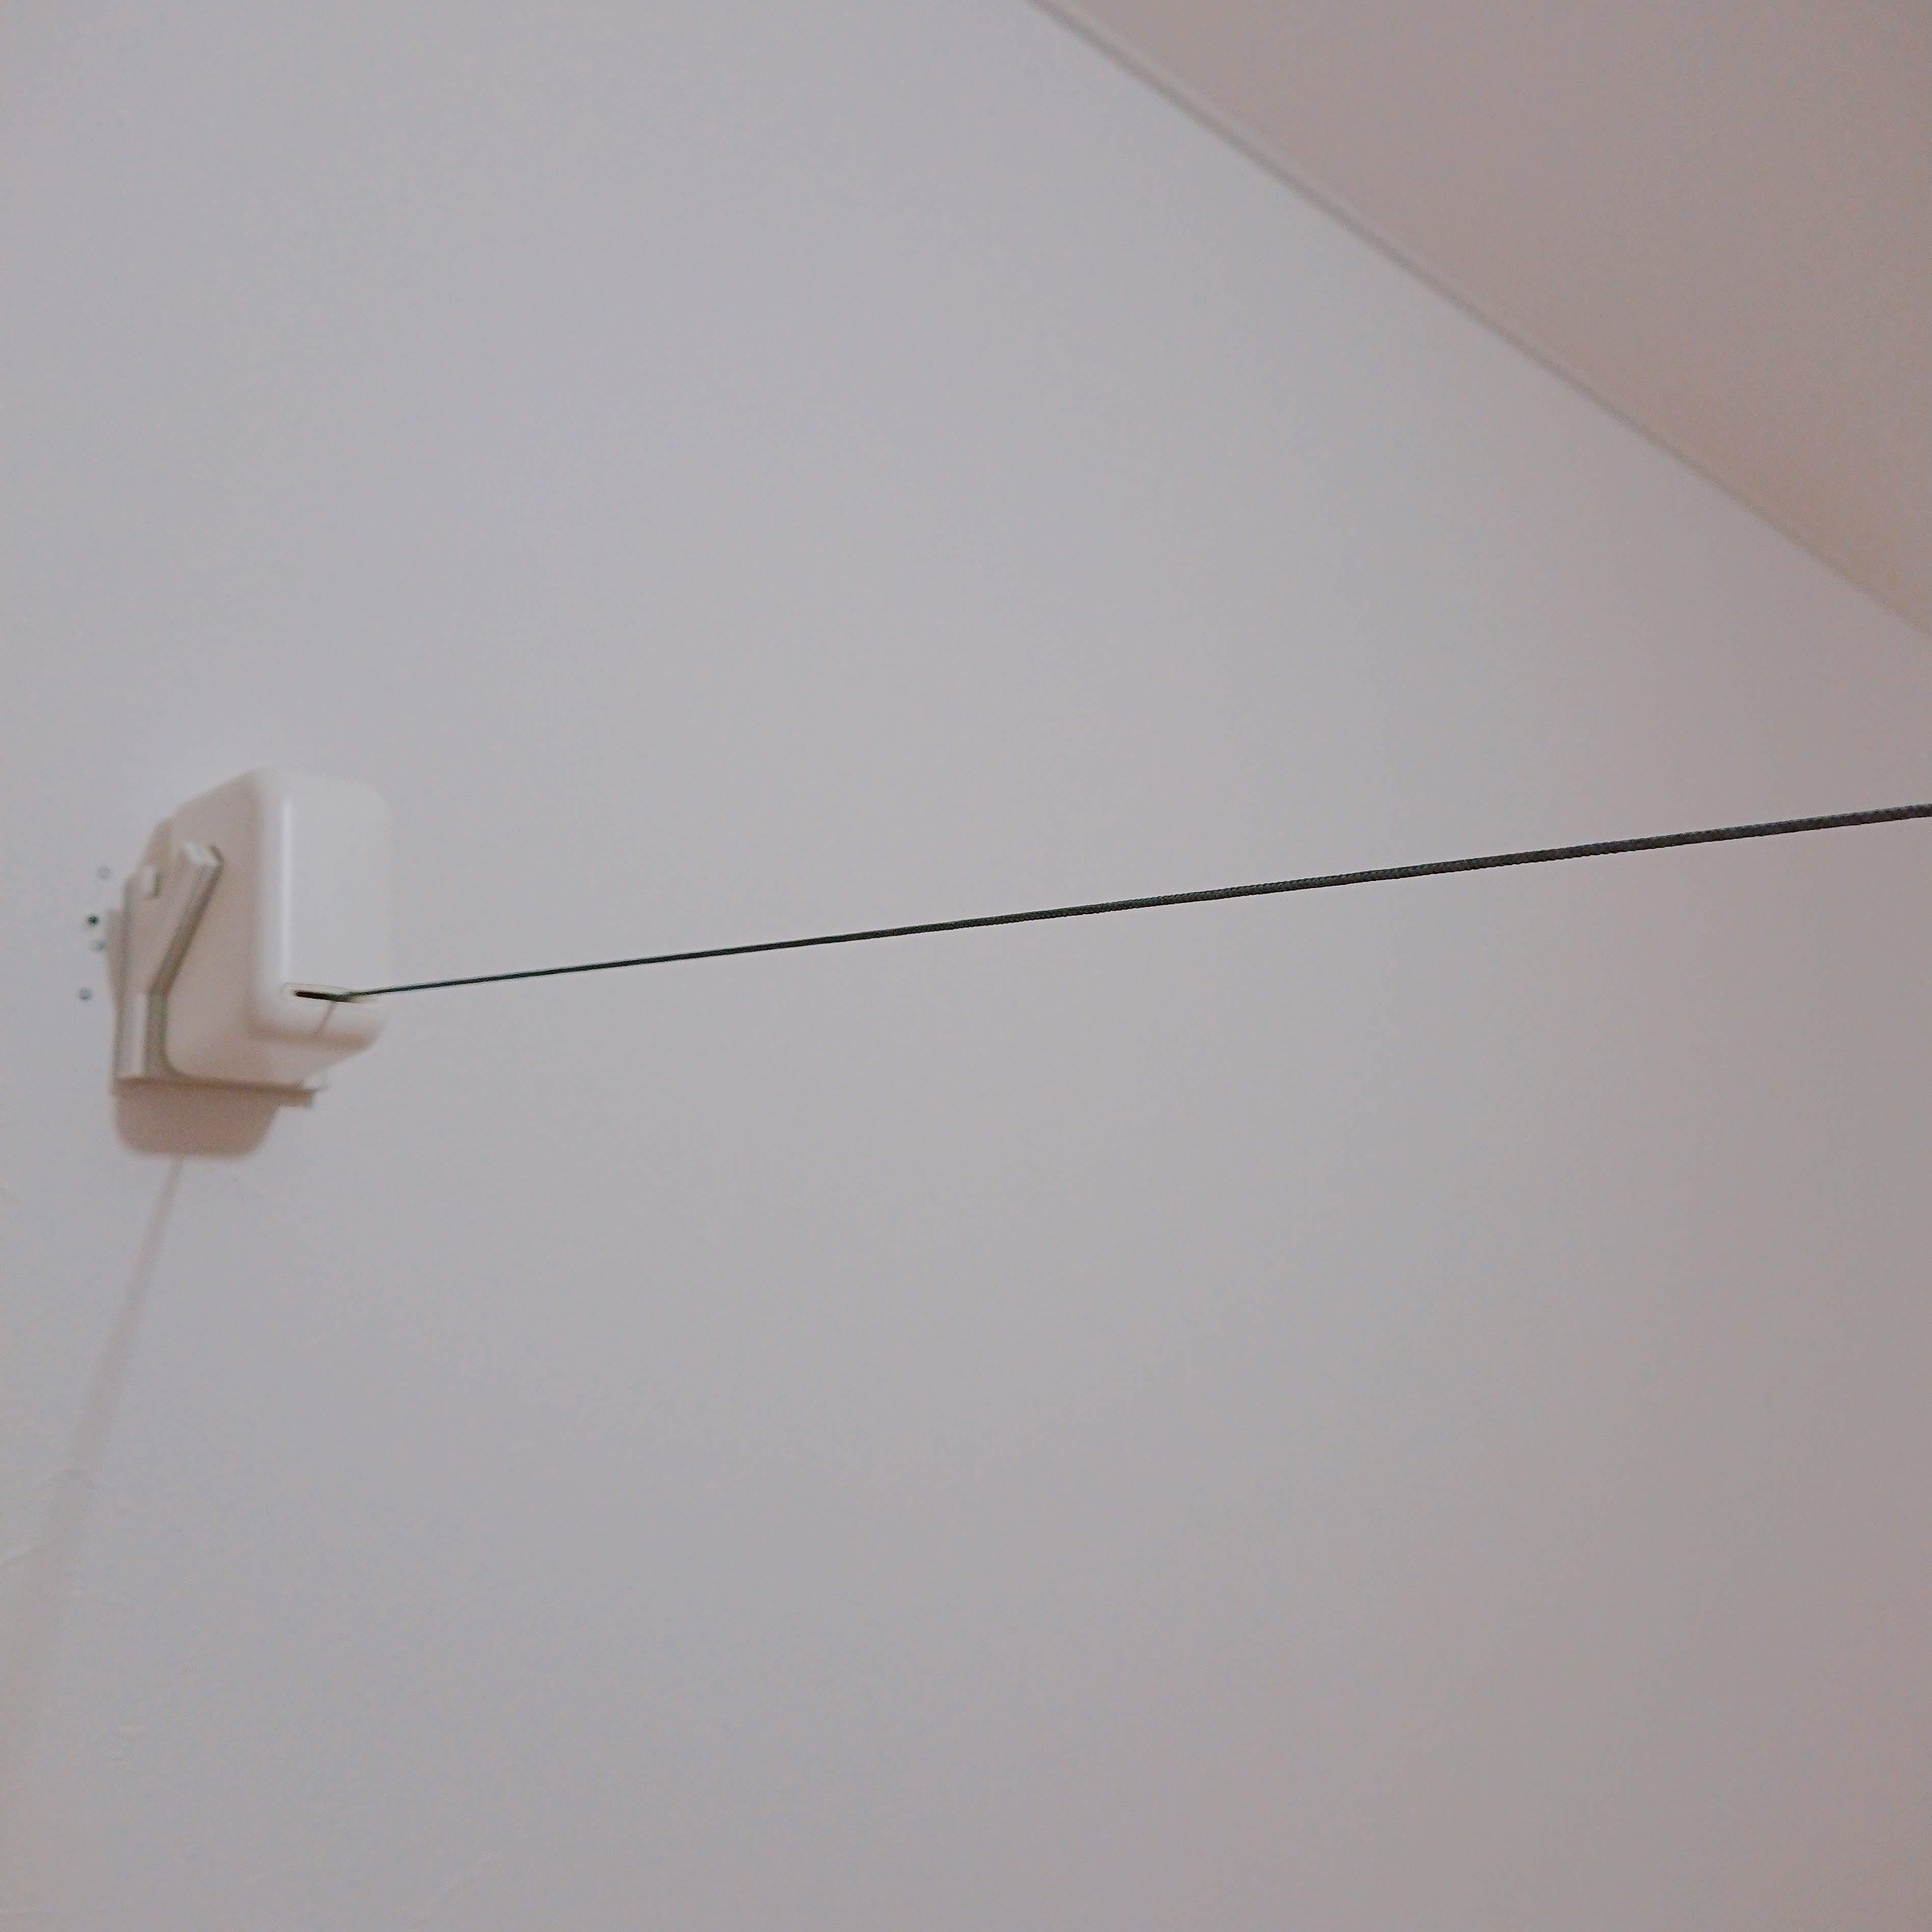 室内物干しロープ STOK landry